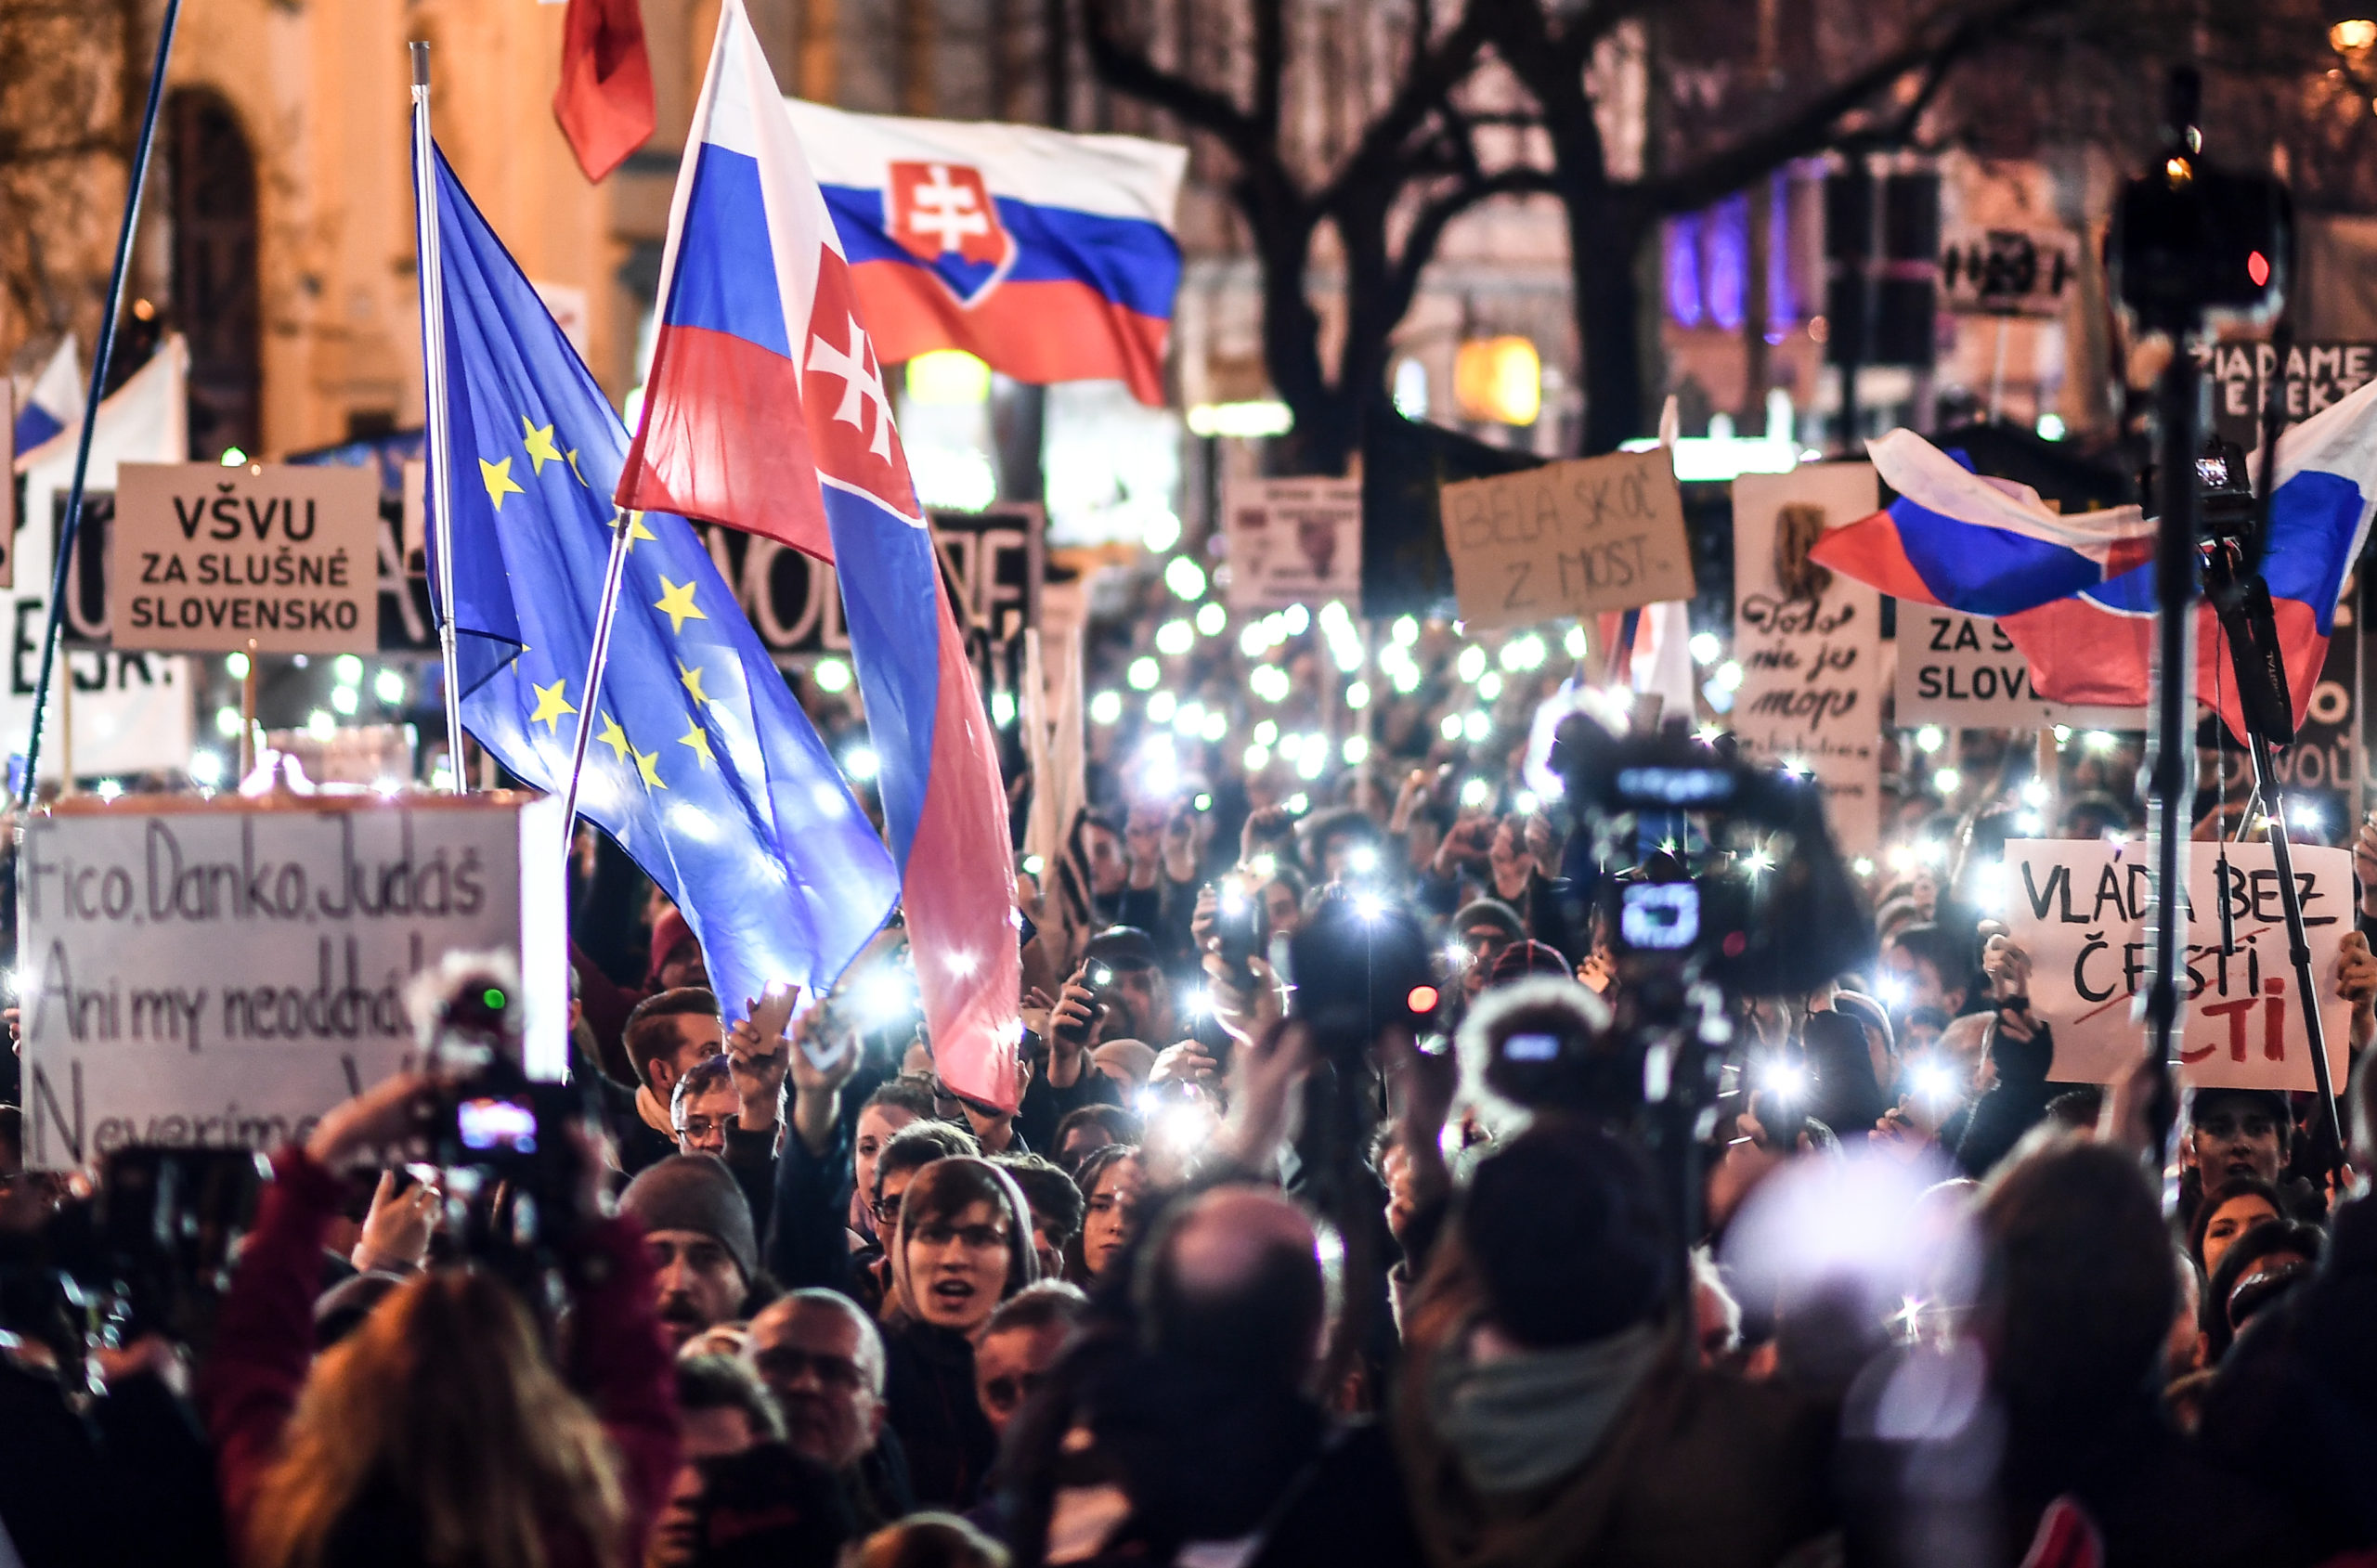 Ihmiset lähtivät Bratislavassa kaduille slovakialaisen toimittajan Ján Kuciakin ja   tämän tyttöystävän Martina Kušnírován kaksoismurhan jälkeen helmikuussa 2018.